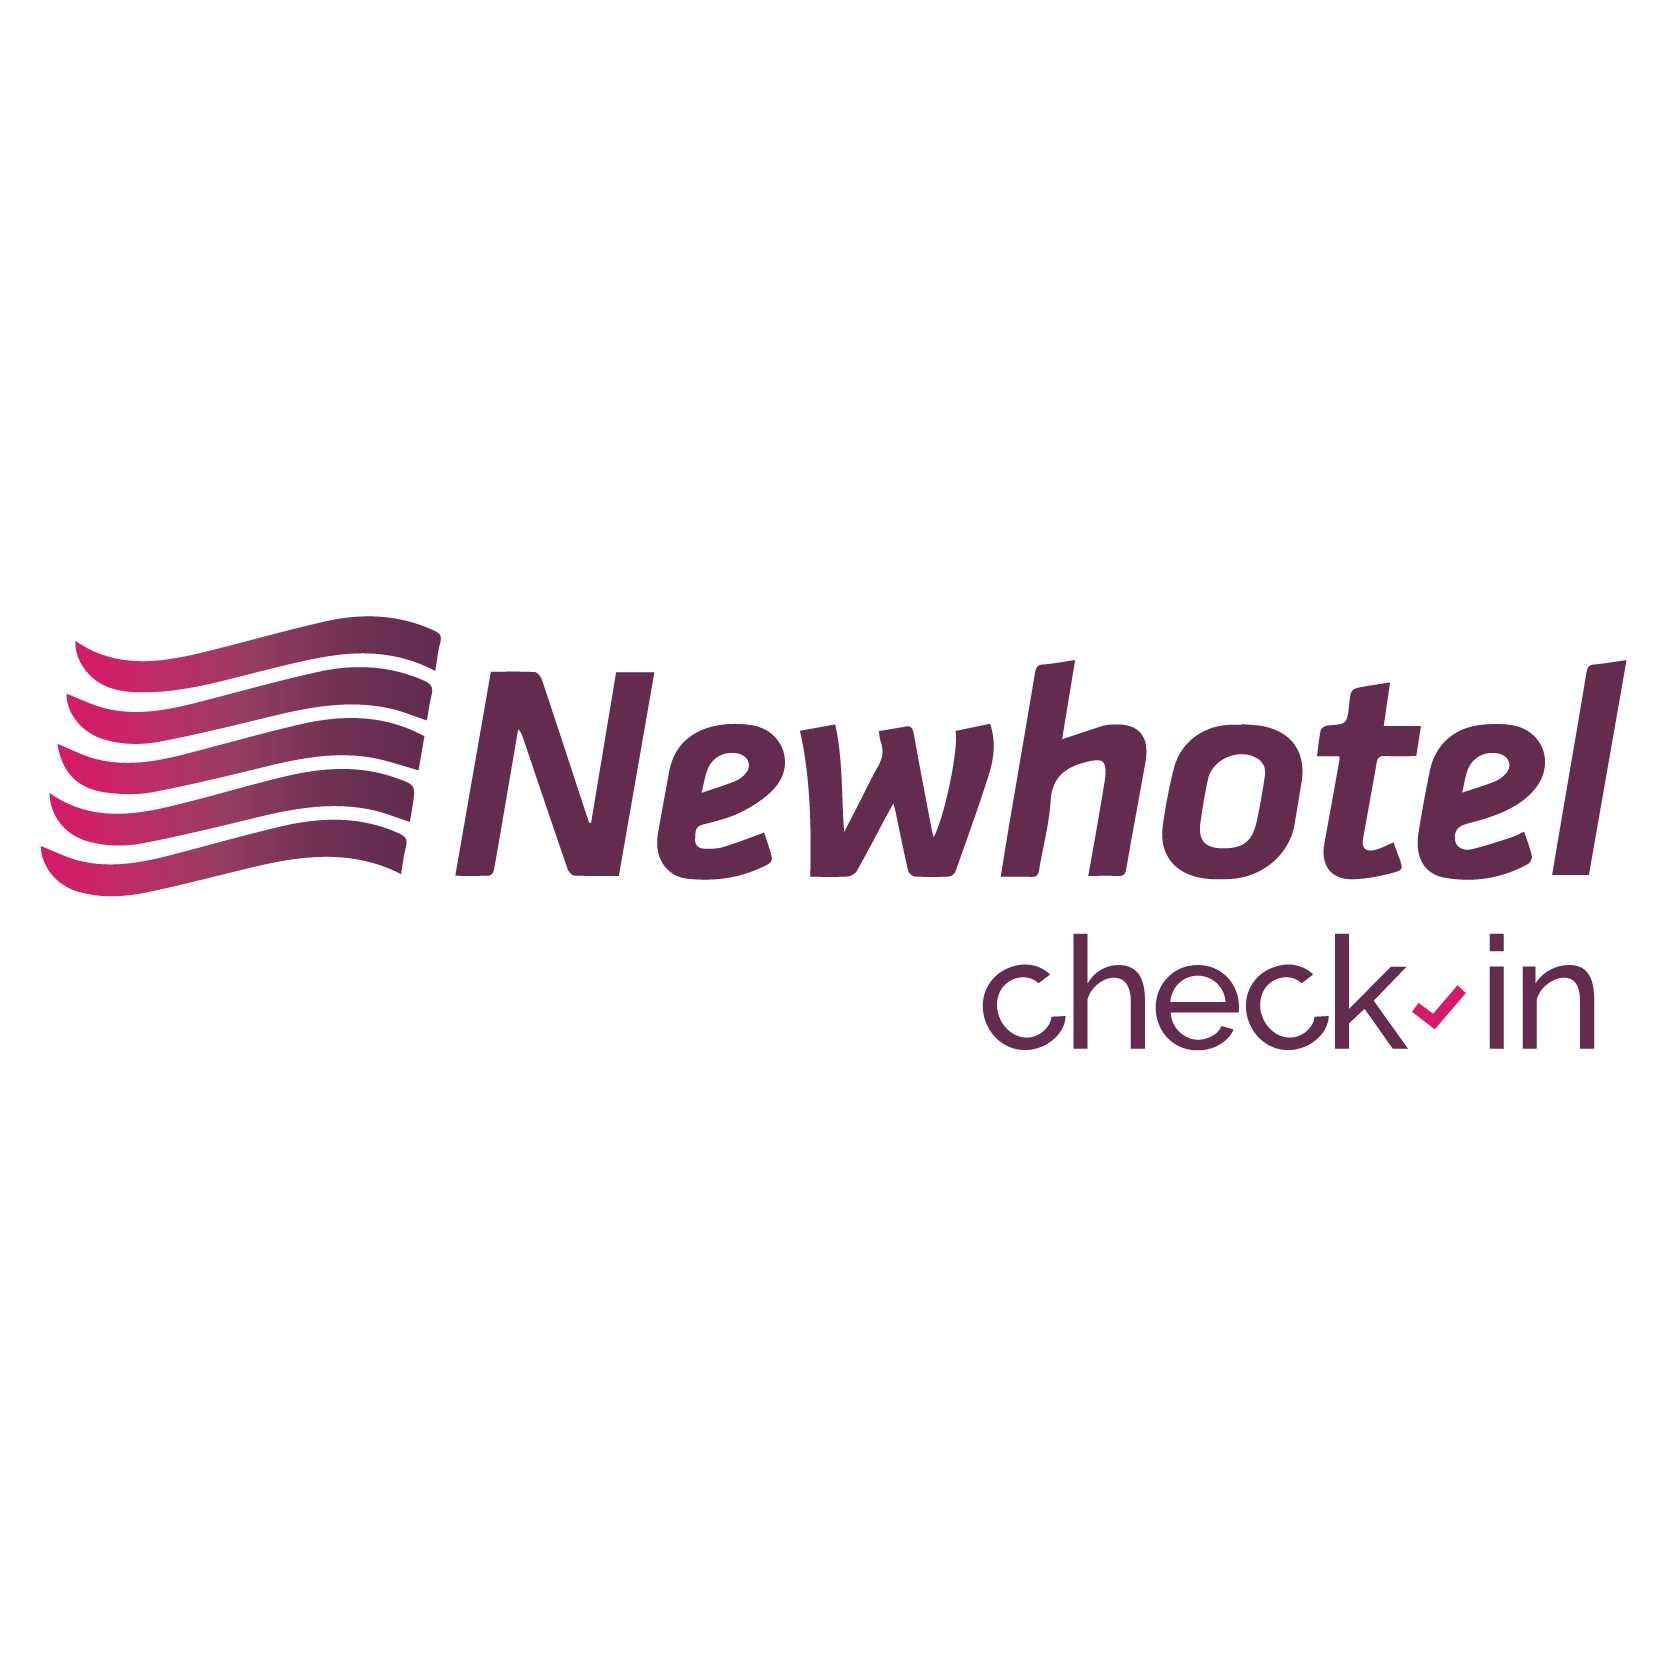 NEWHOTEL CHECK-IN SISTEMAS PARA HOTELARIA